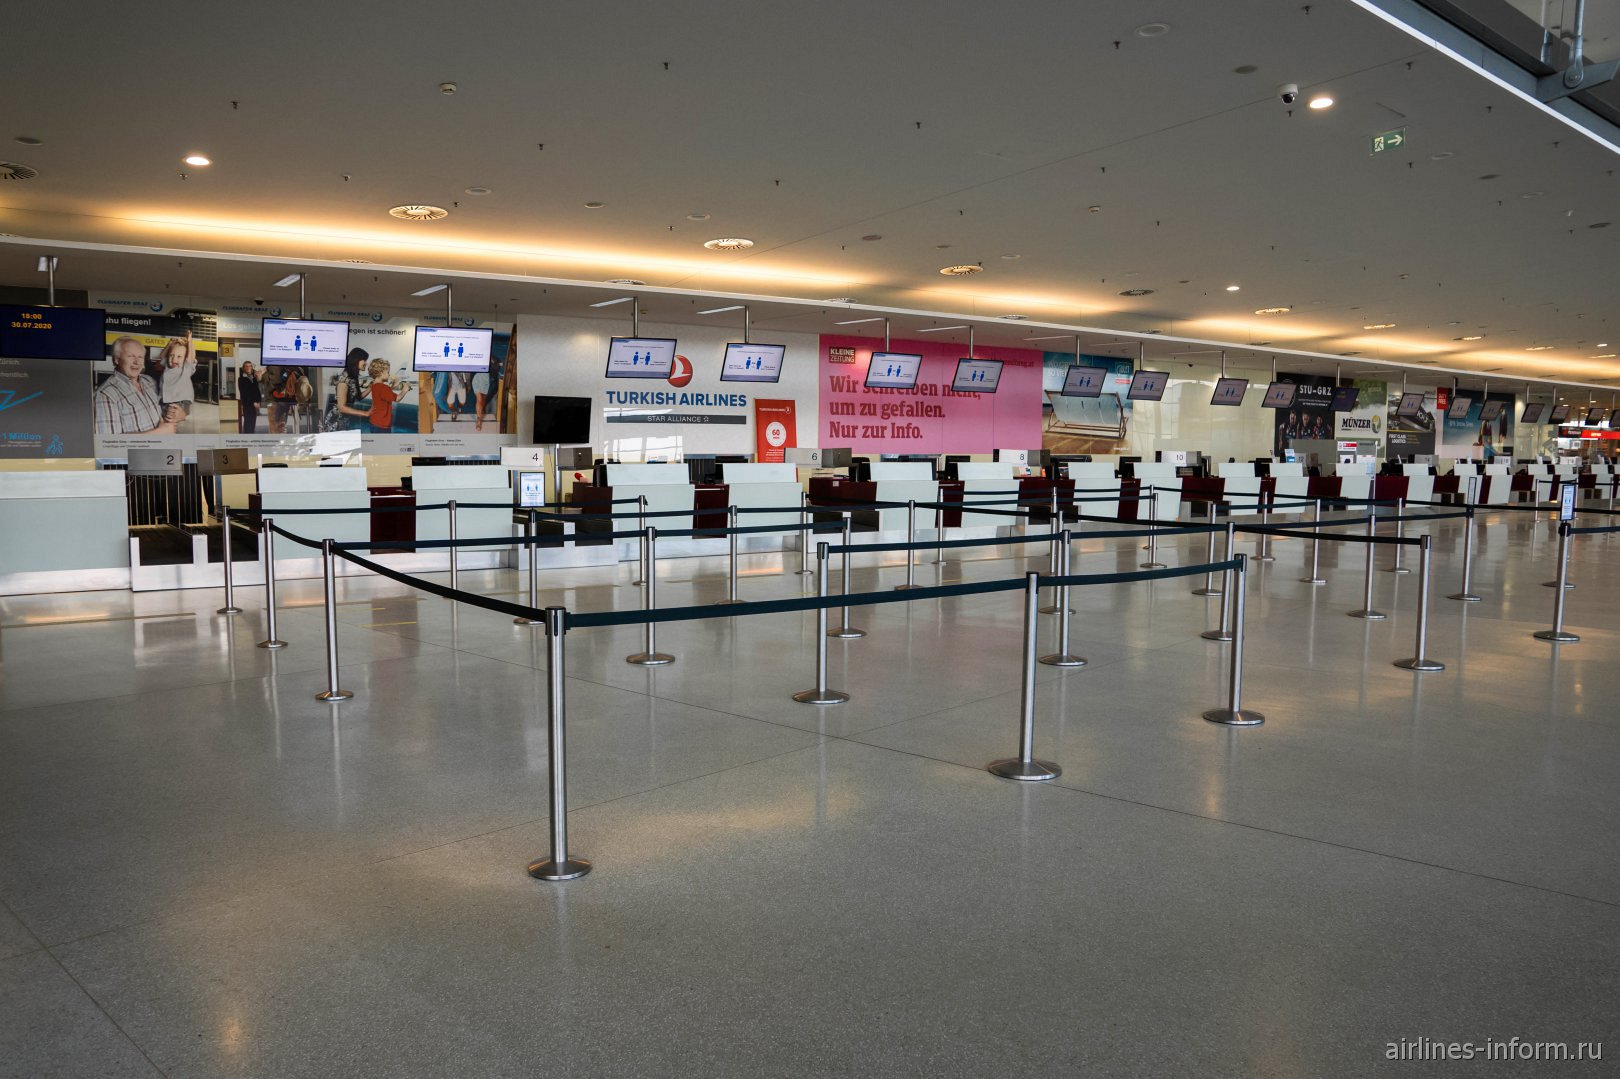 Стойки регистрации в аэропорту Грац Талерхоф